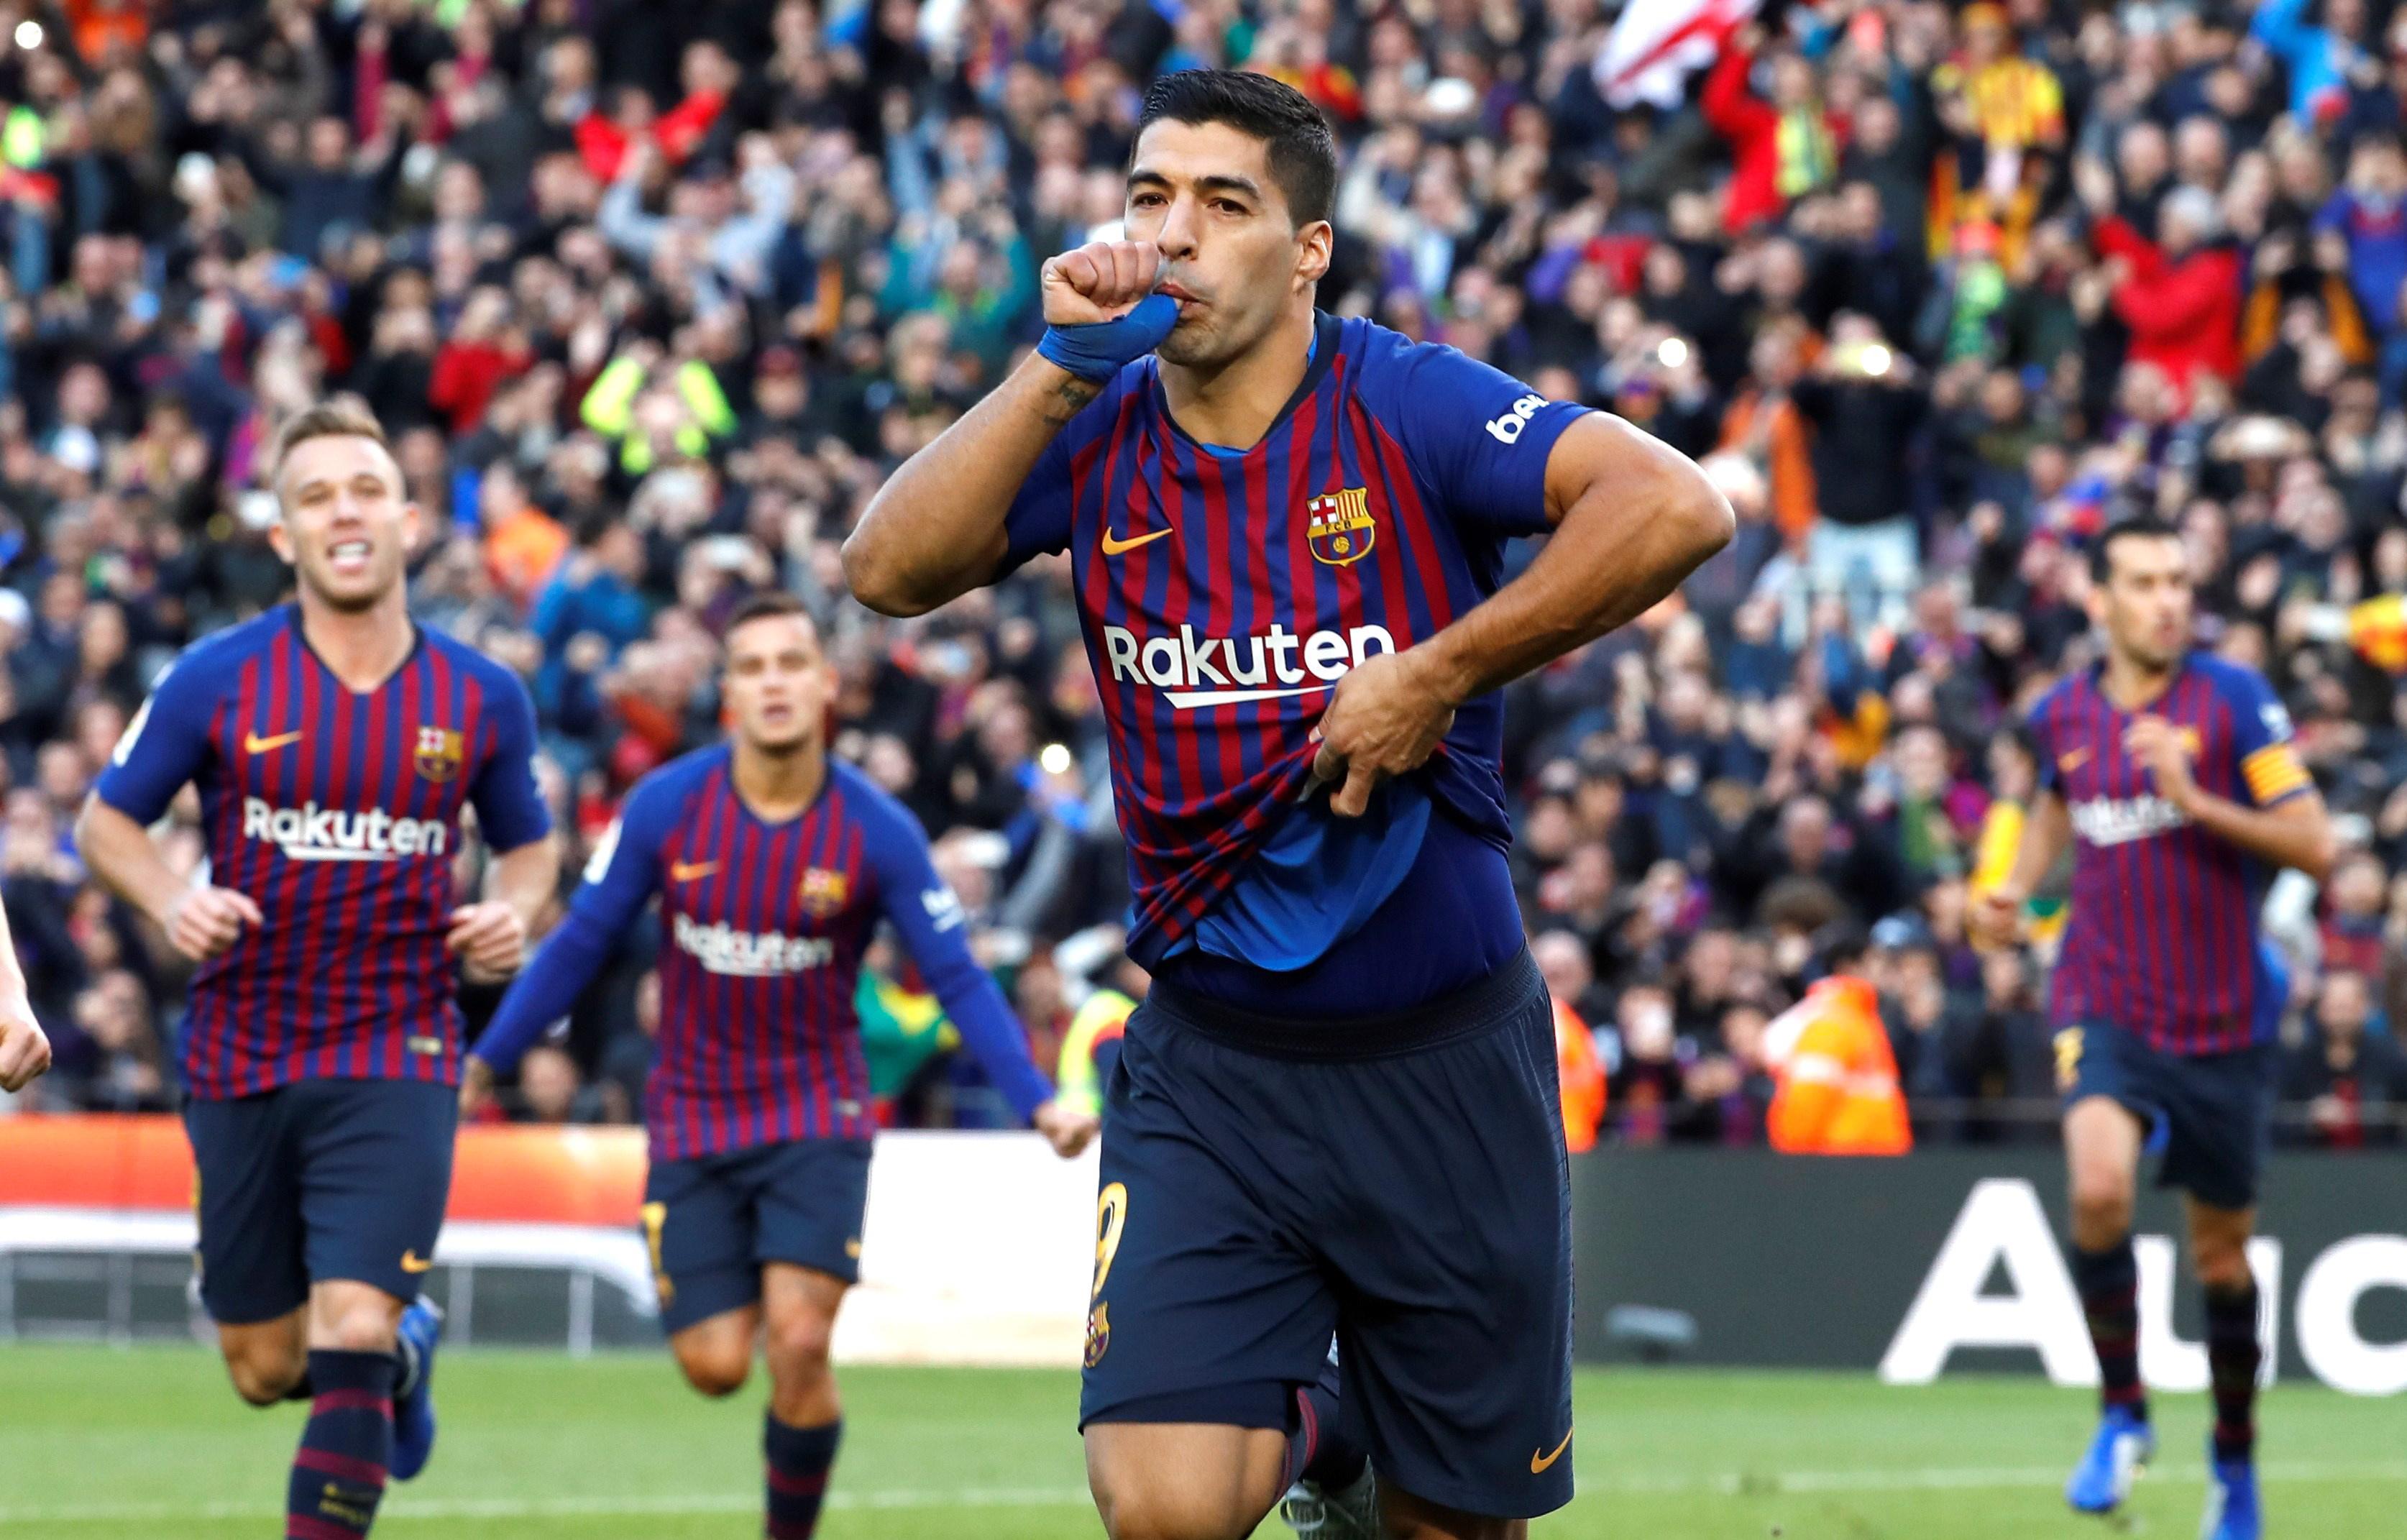 Barcelona dobila El Clasico, Suárez briljirao